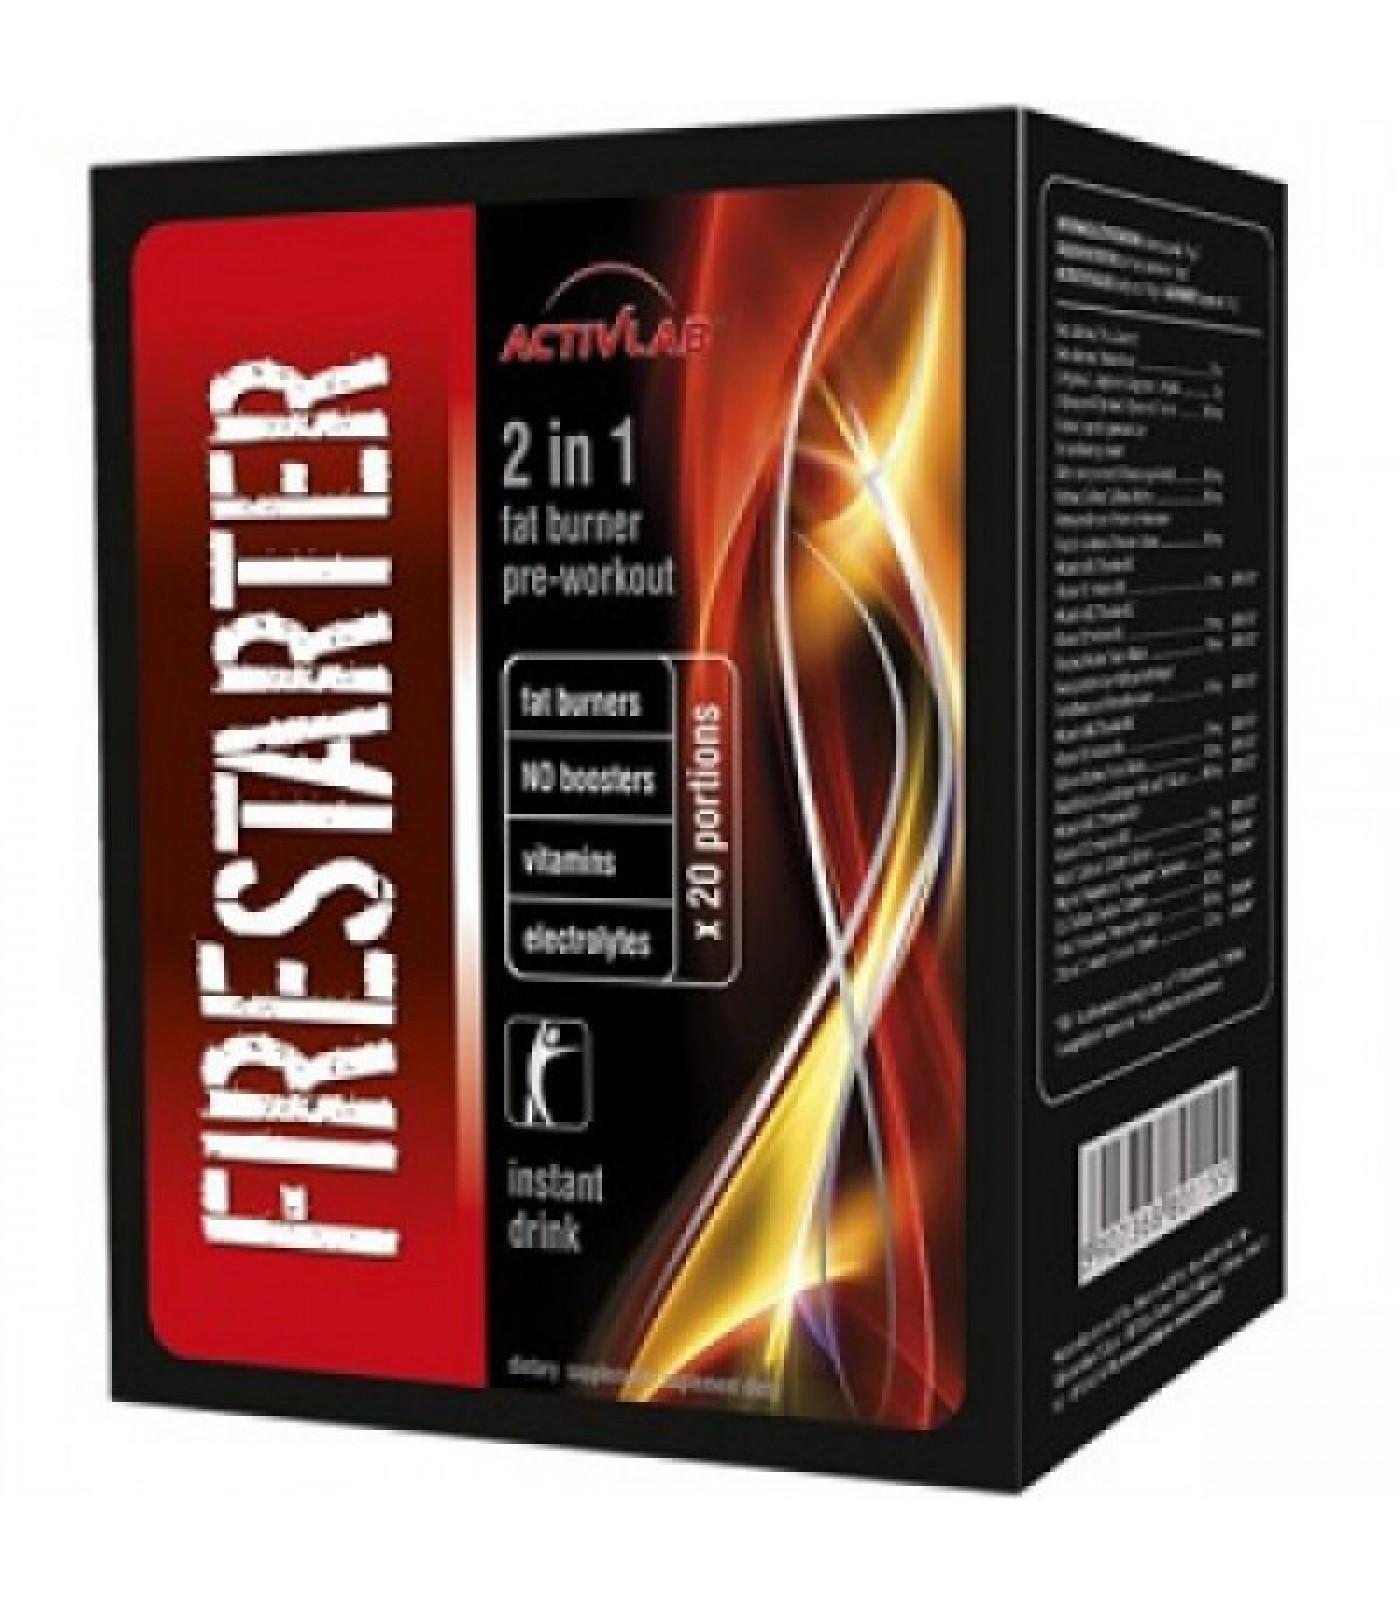 ActivLab - Fireblaster / 20x11gr.